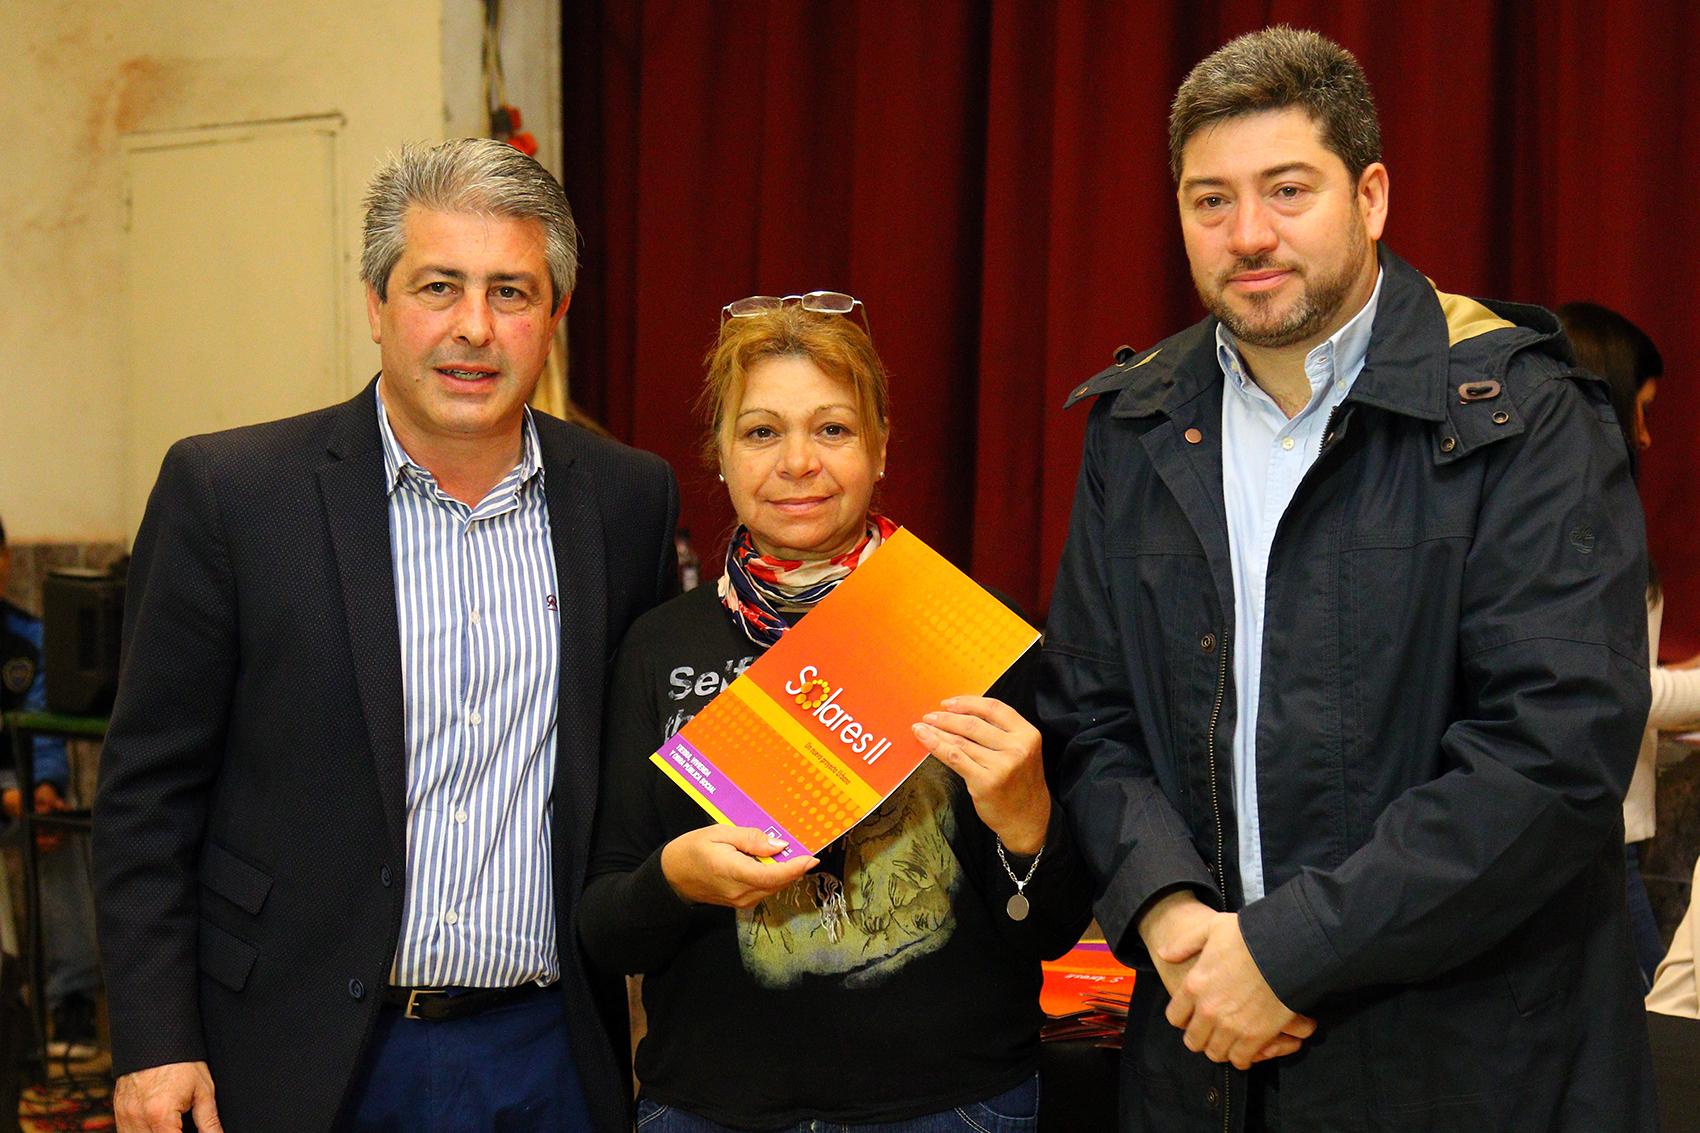 Pergamino / Con el eje puesto en la vivienda, Martínez entregó 164 nuevos terrenos para construir hogares